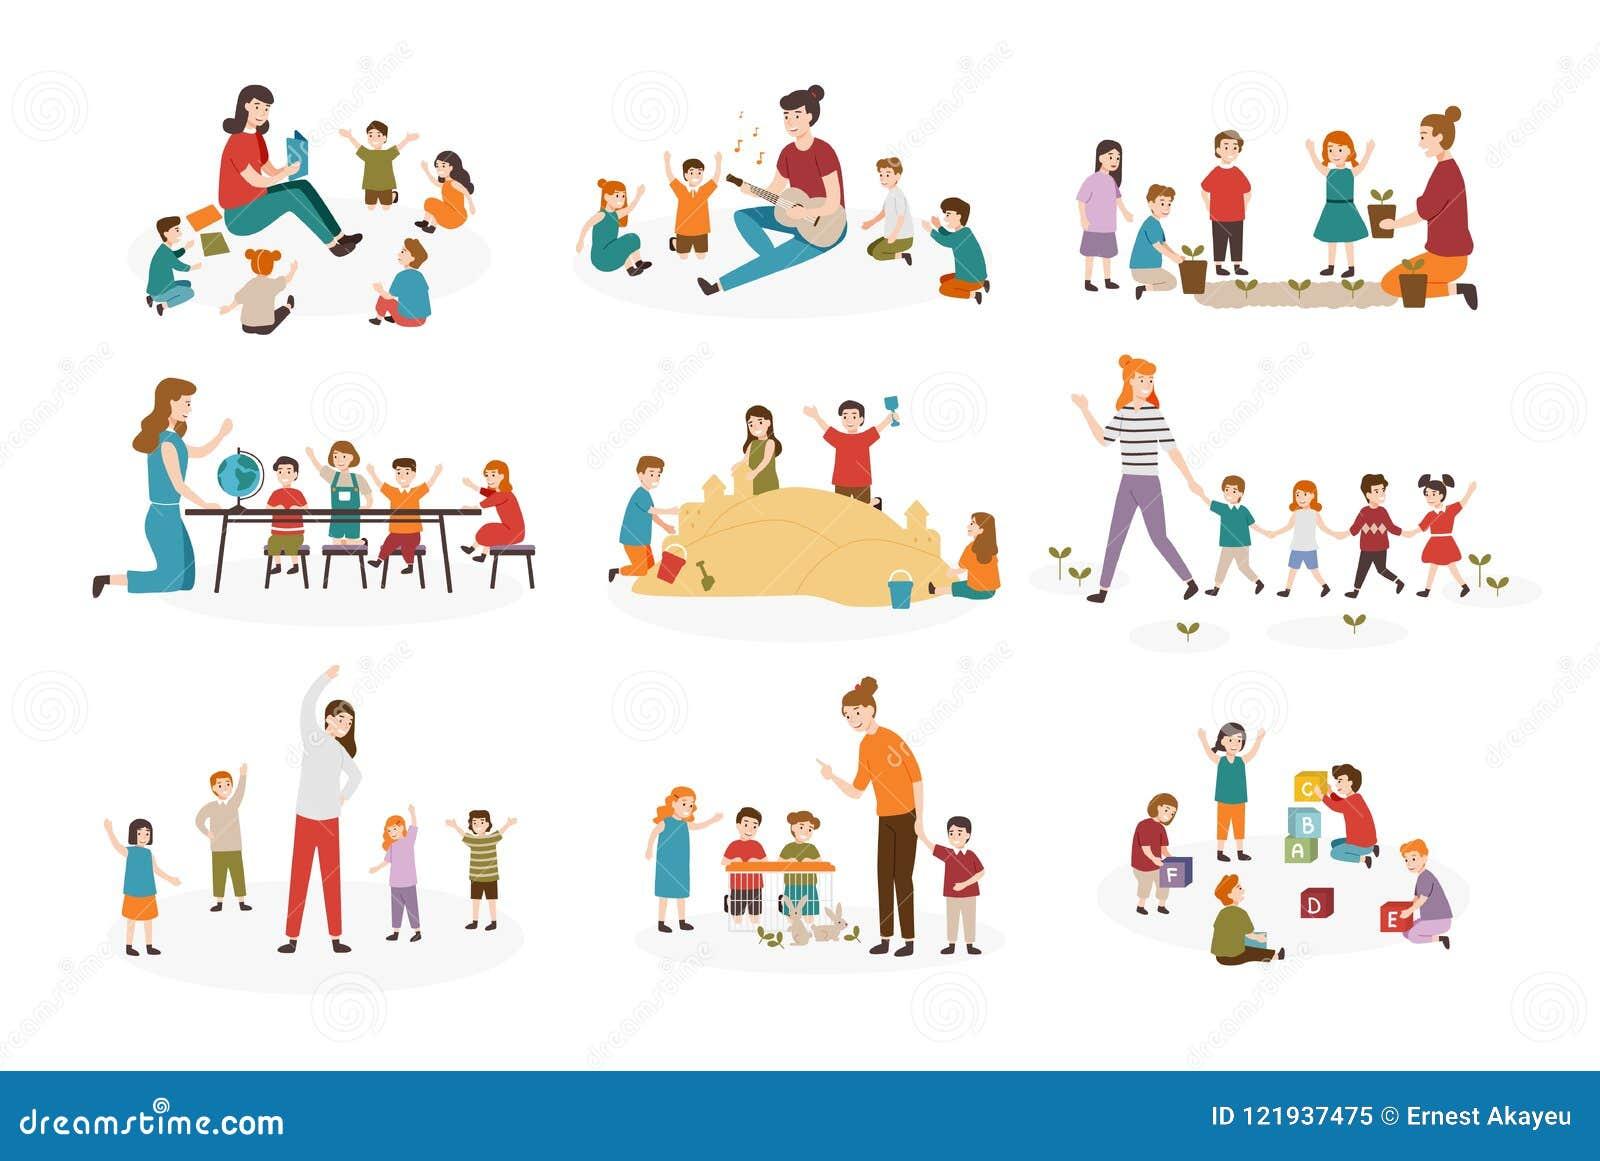 Bundle Of Preschool Or Kindergarten Activities Female Teacher And